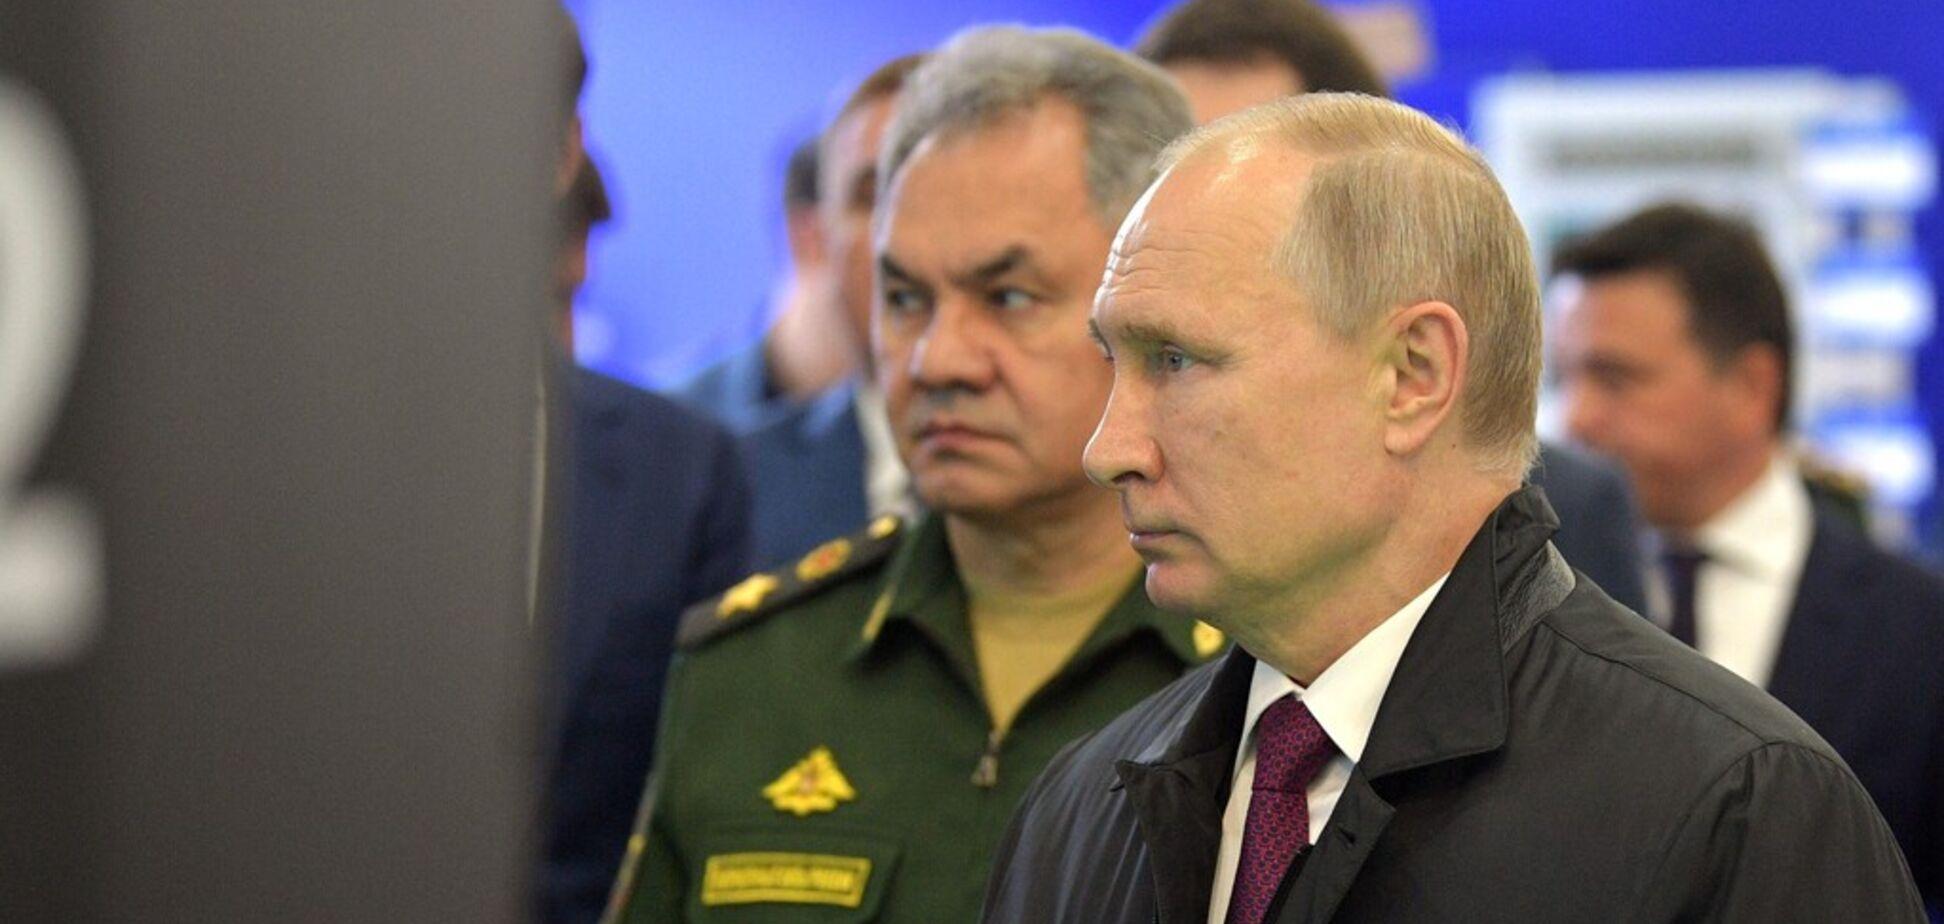 Путин наращивает силы: привет молодому зеленому президенту